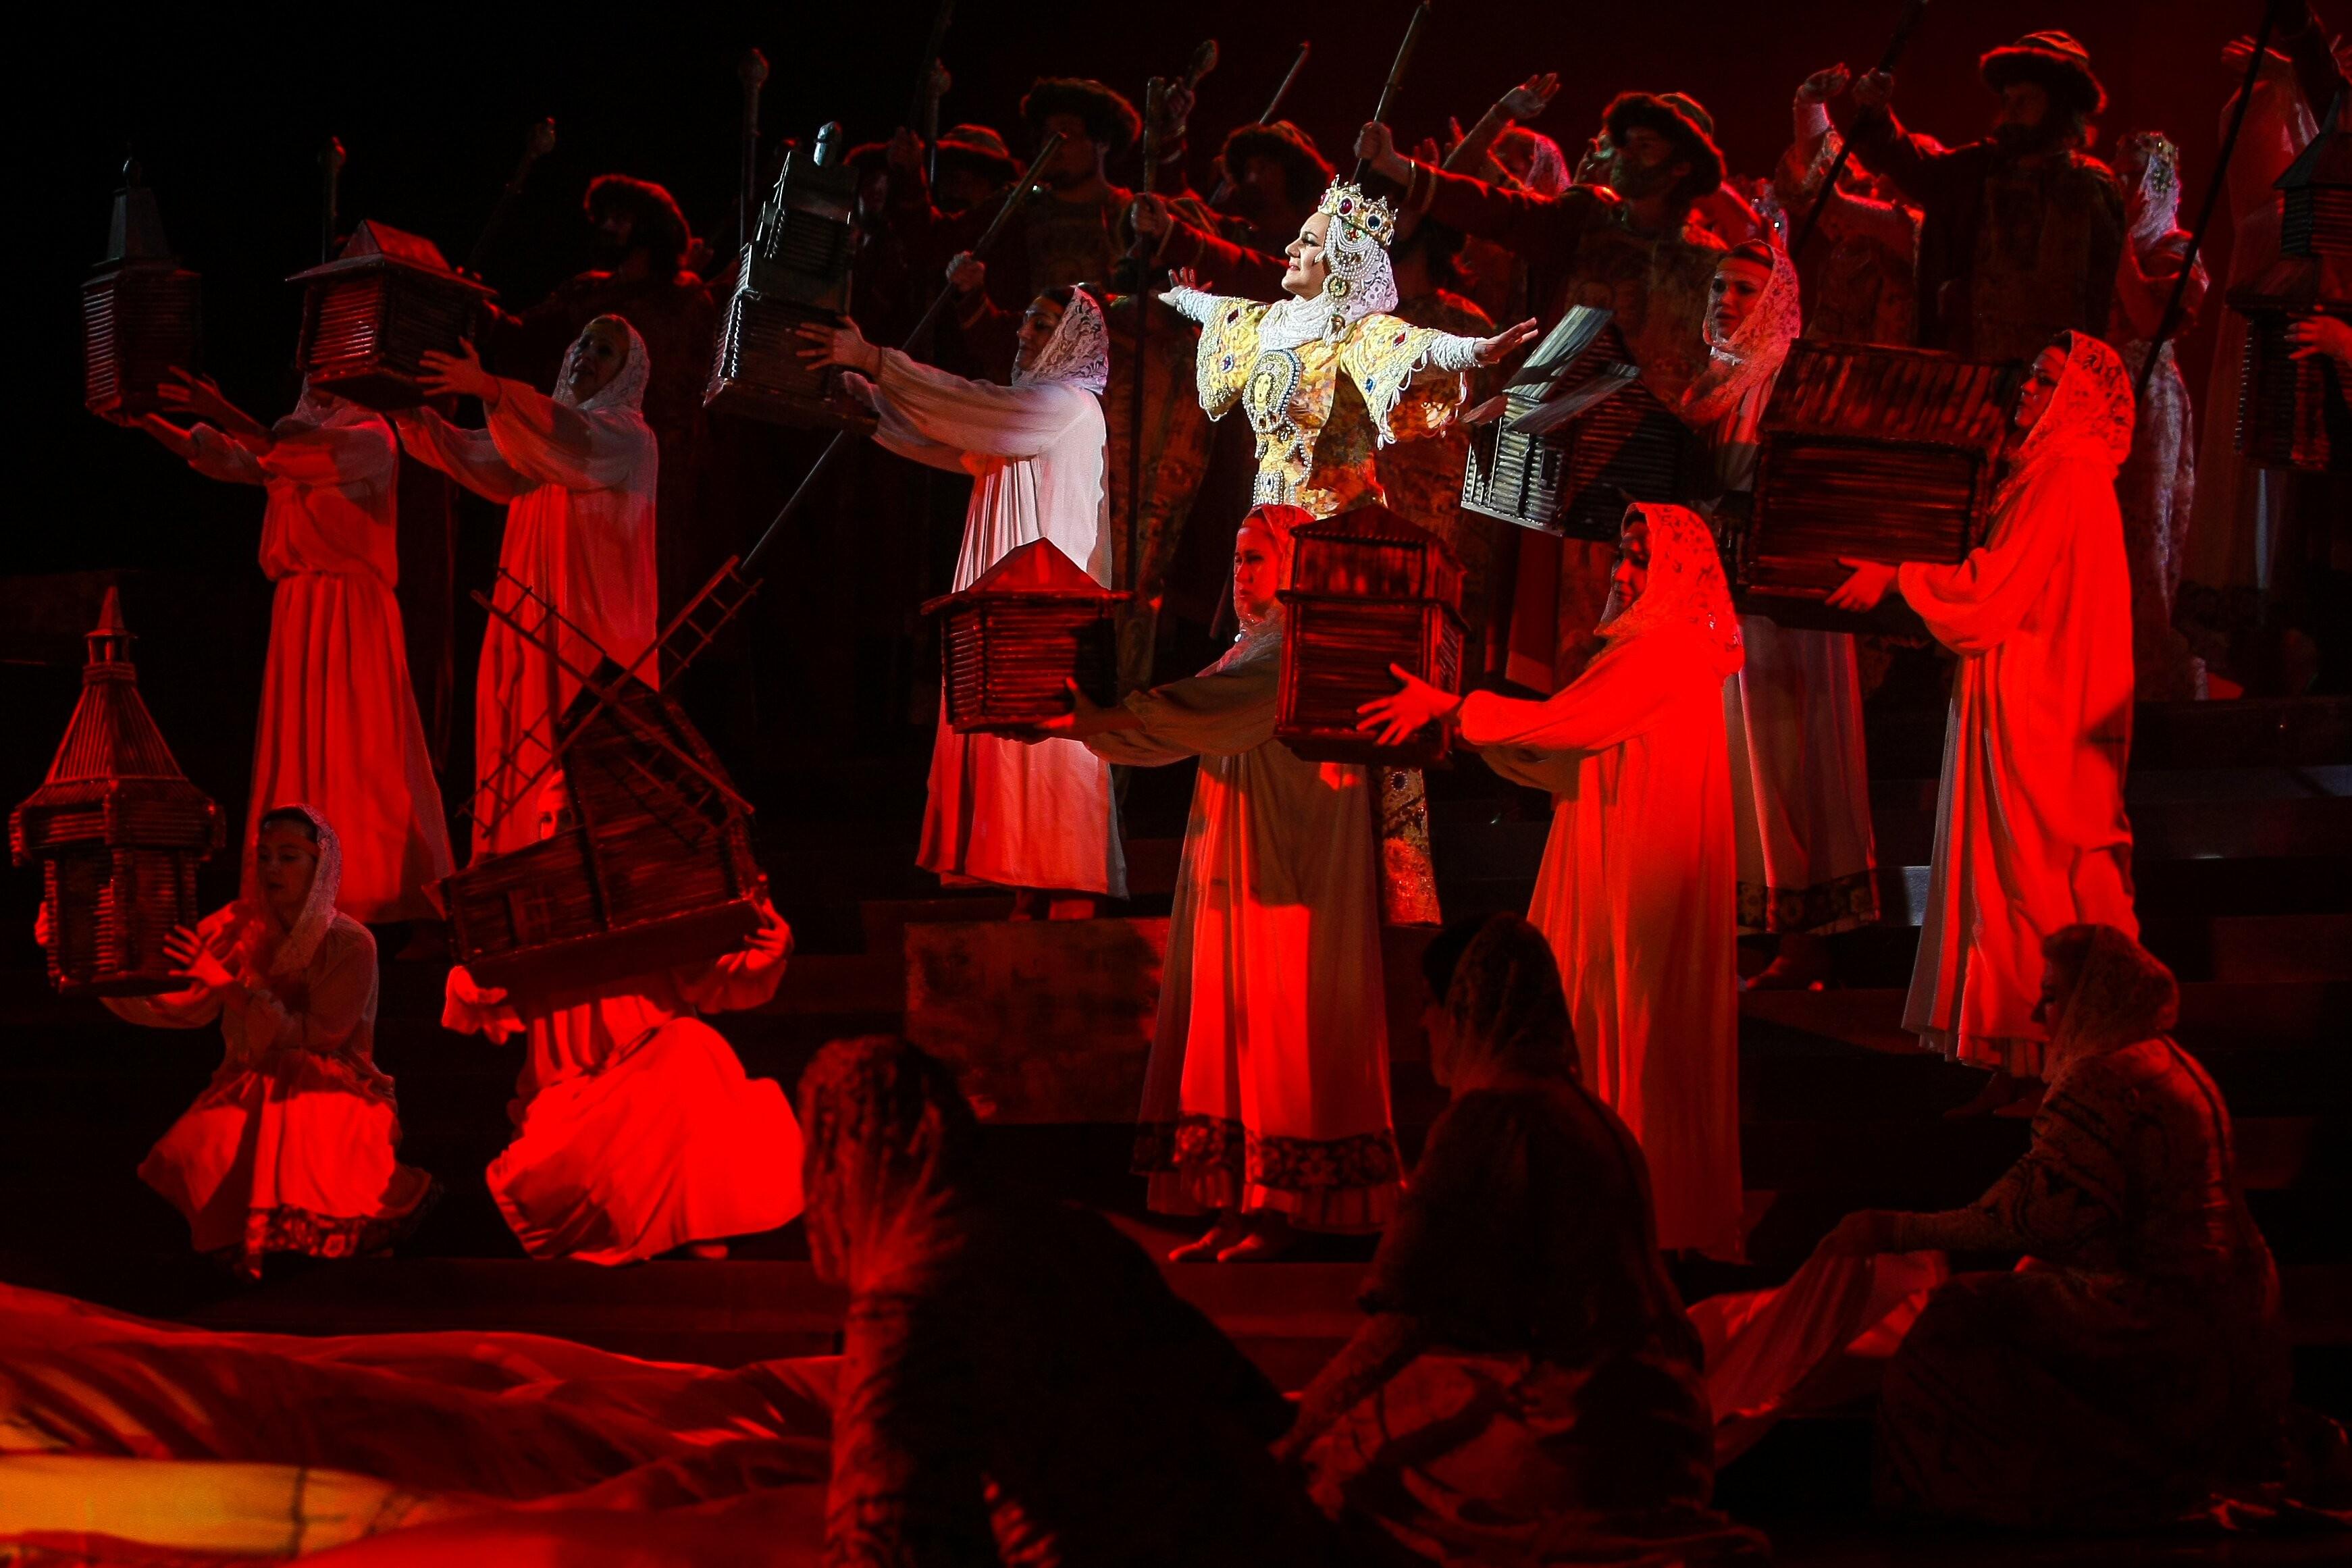 Легендарная кремлёвская опера «Князь Игорь» на сцене  Большого зала